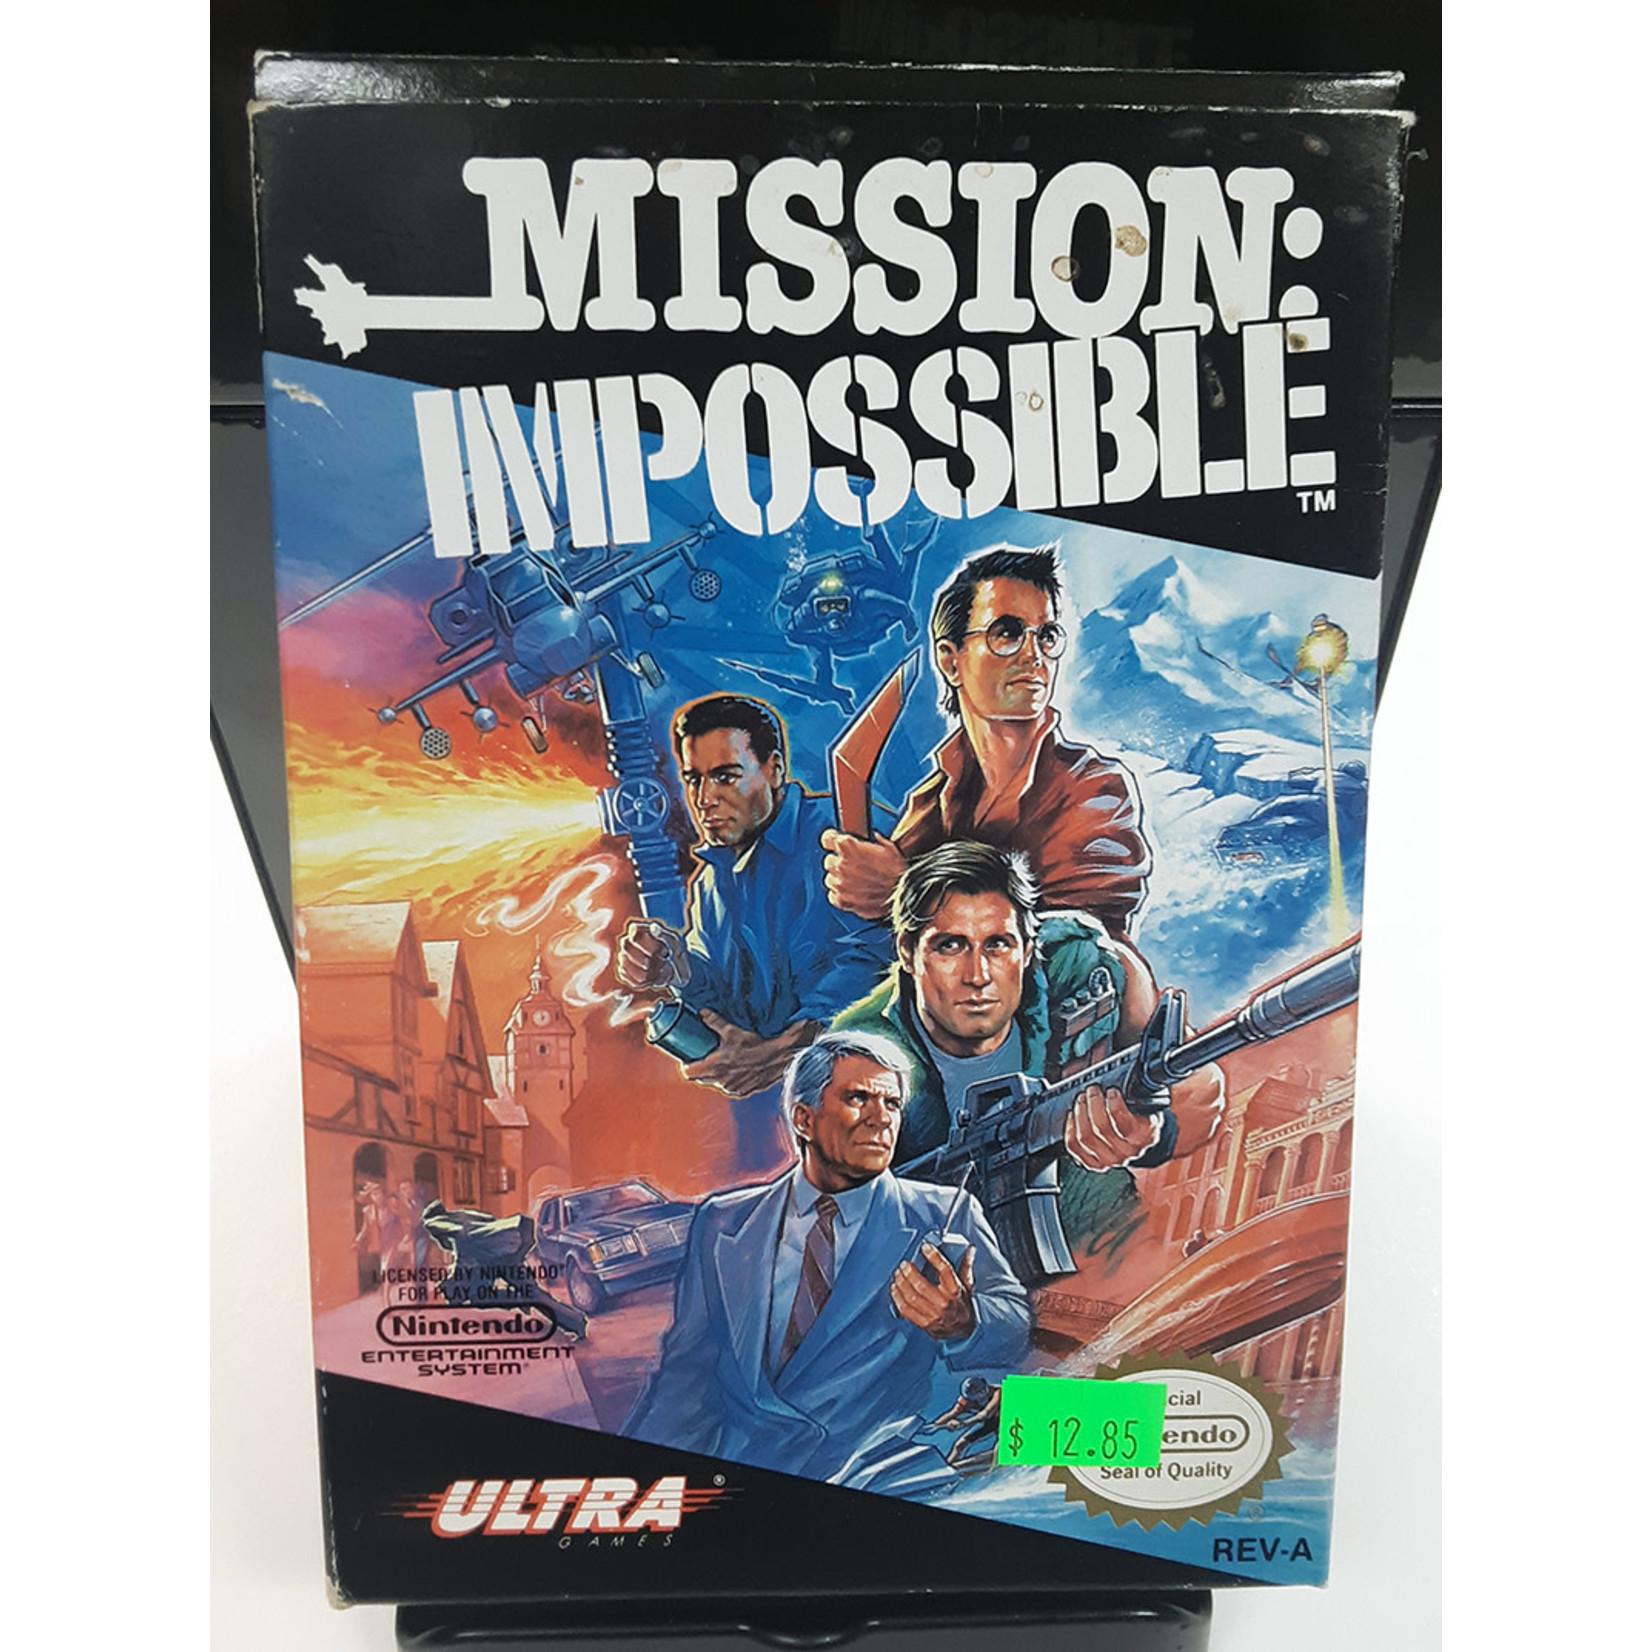 NESU-Mission Impossible (in box)